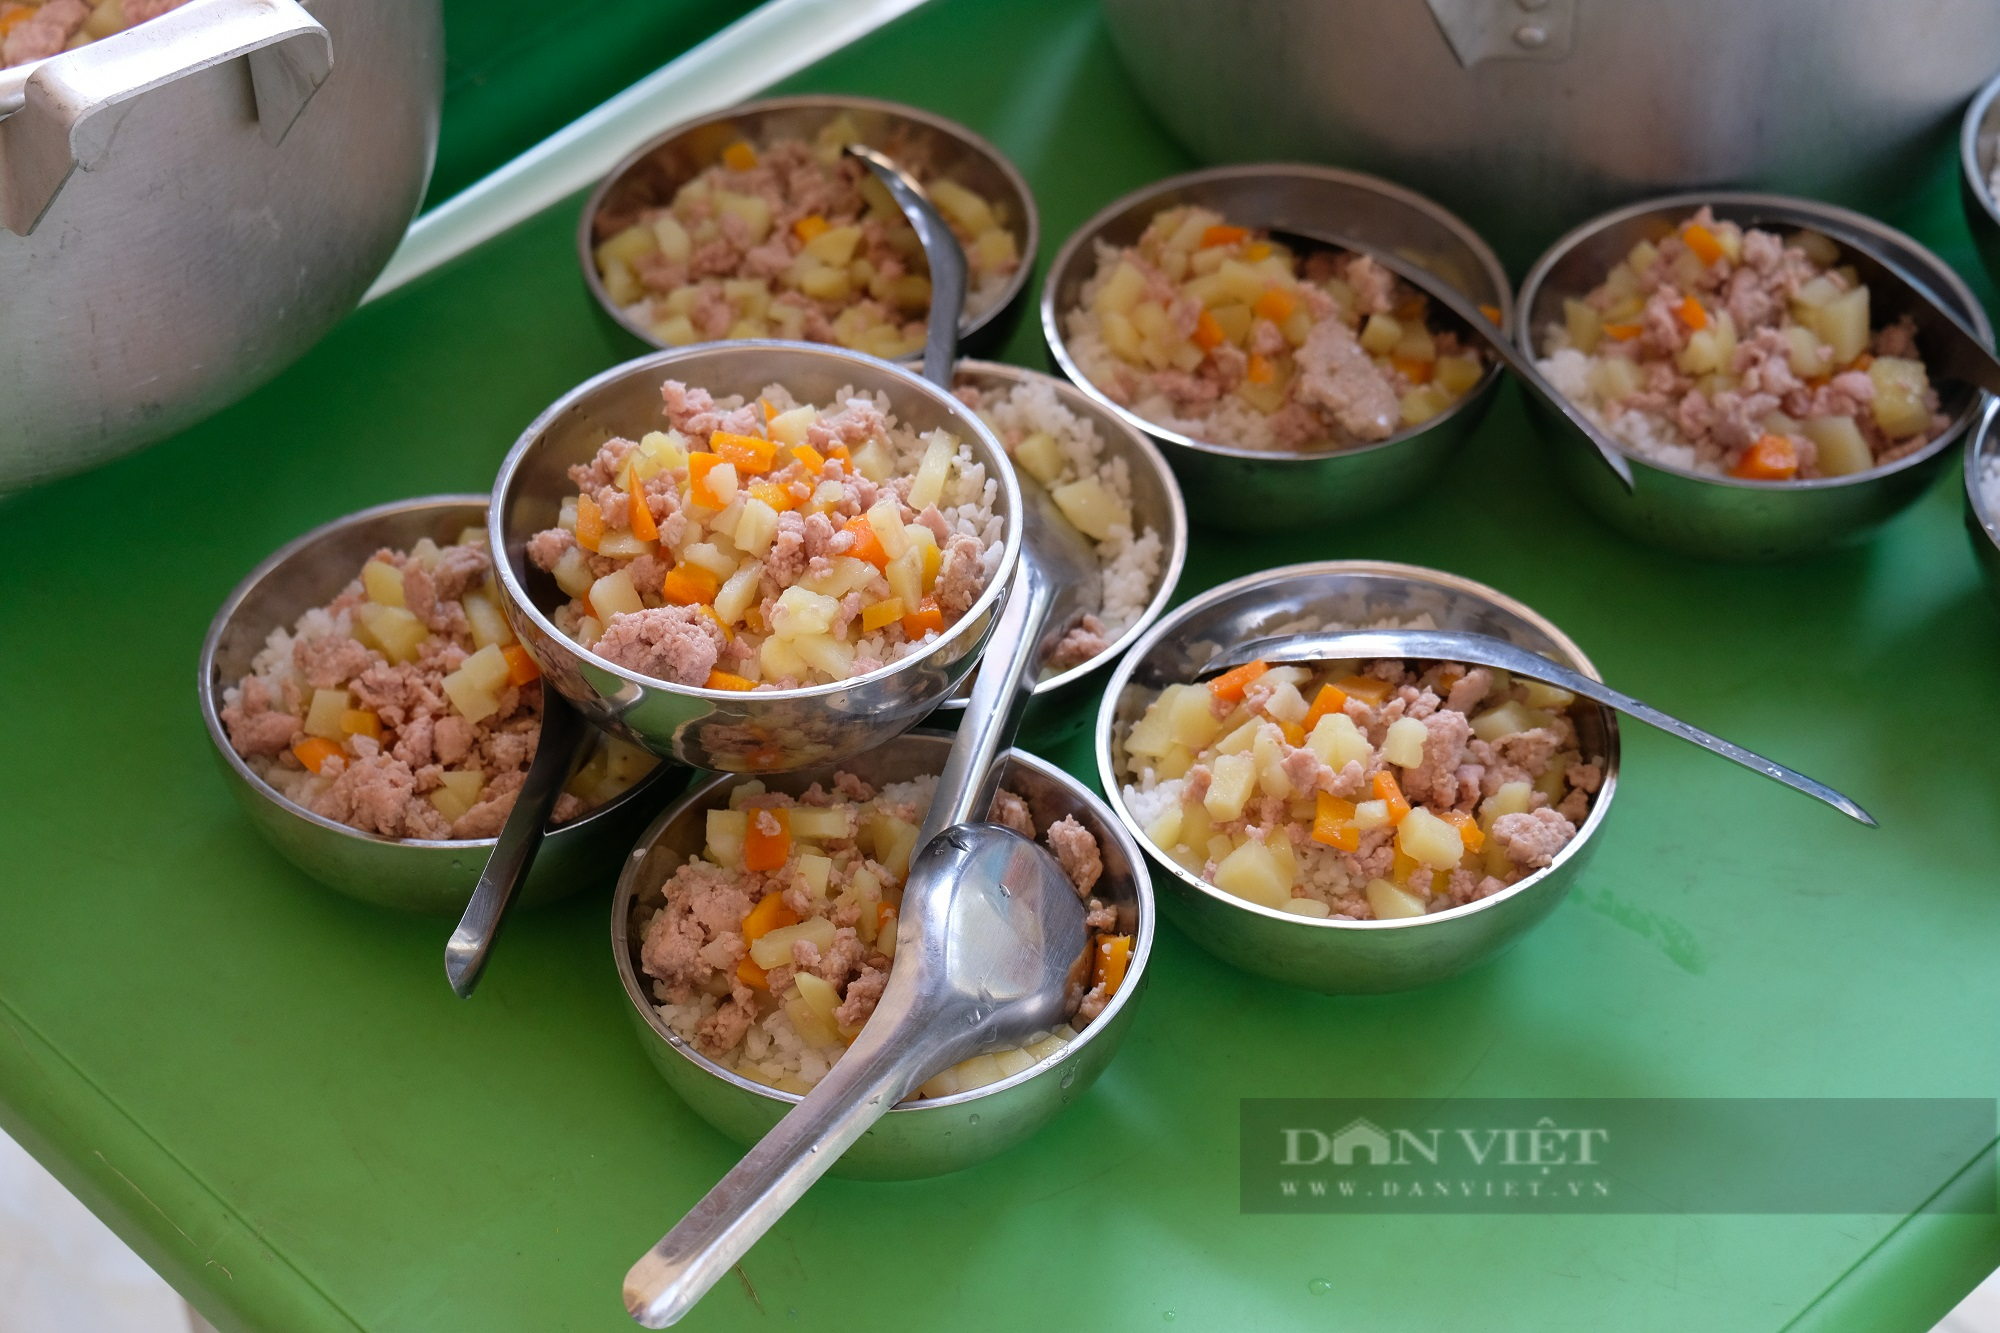 Cùng em Khôn lớn – bữa ăn bán trú nâng bước trẻ đến trường - Ảnh 5.